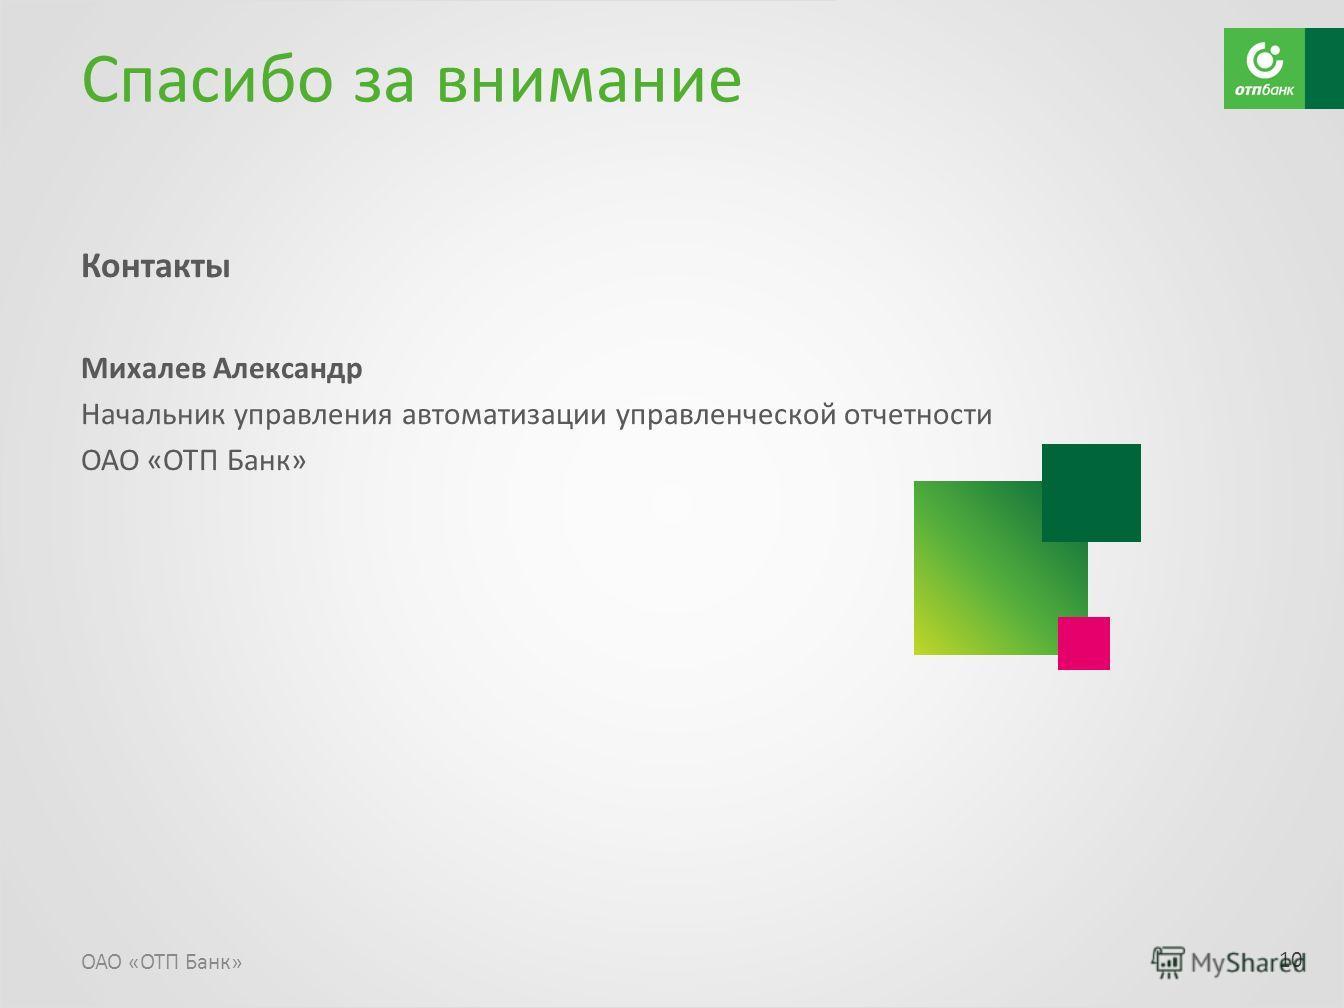 Спасибо за внимание Контакты Михалев Александр Начальник управления автоматизации управленческой отчетности ОАО «ОТП Банк» 10